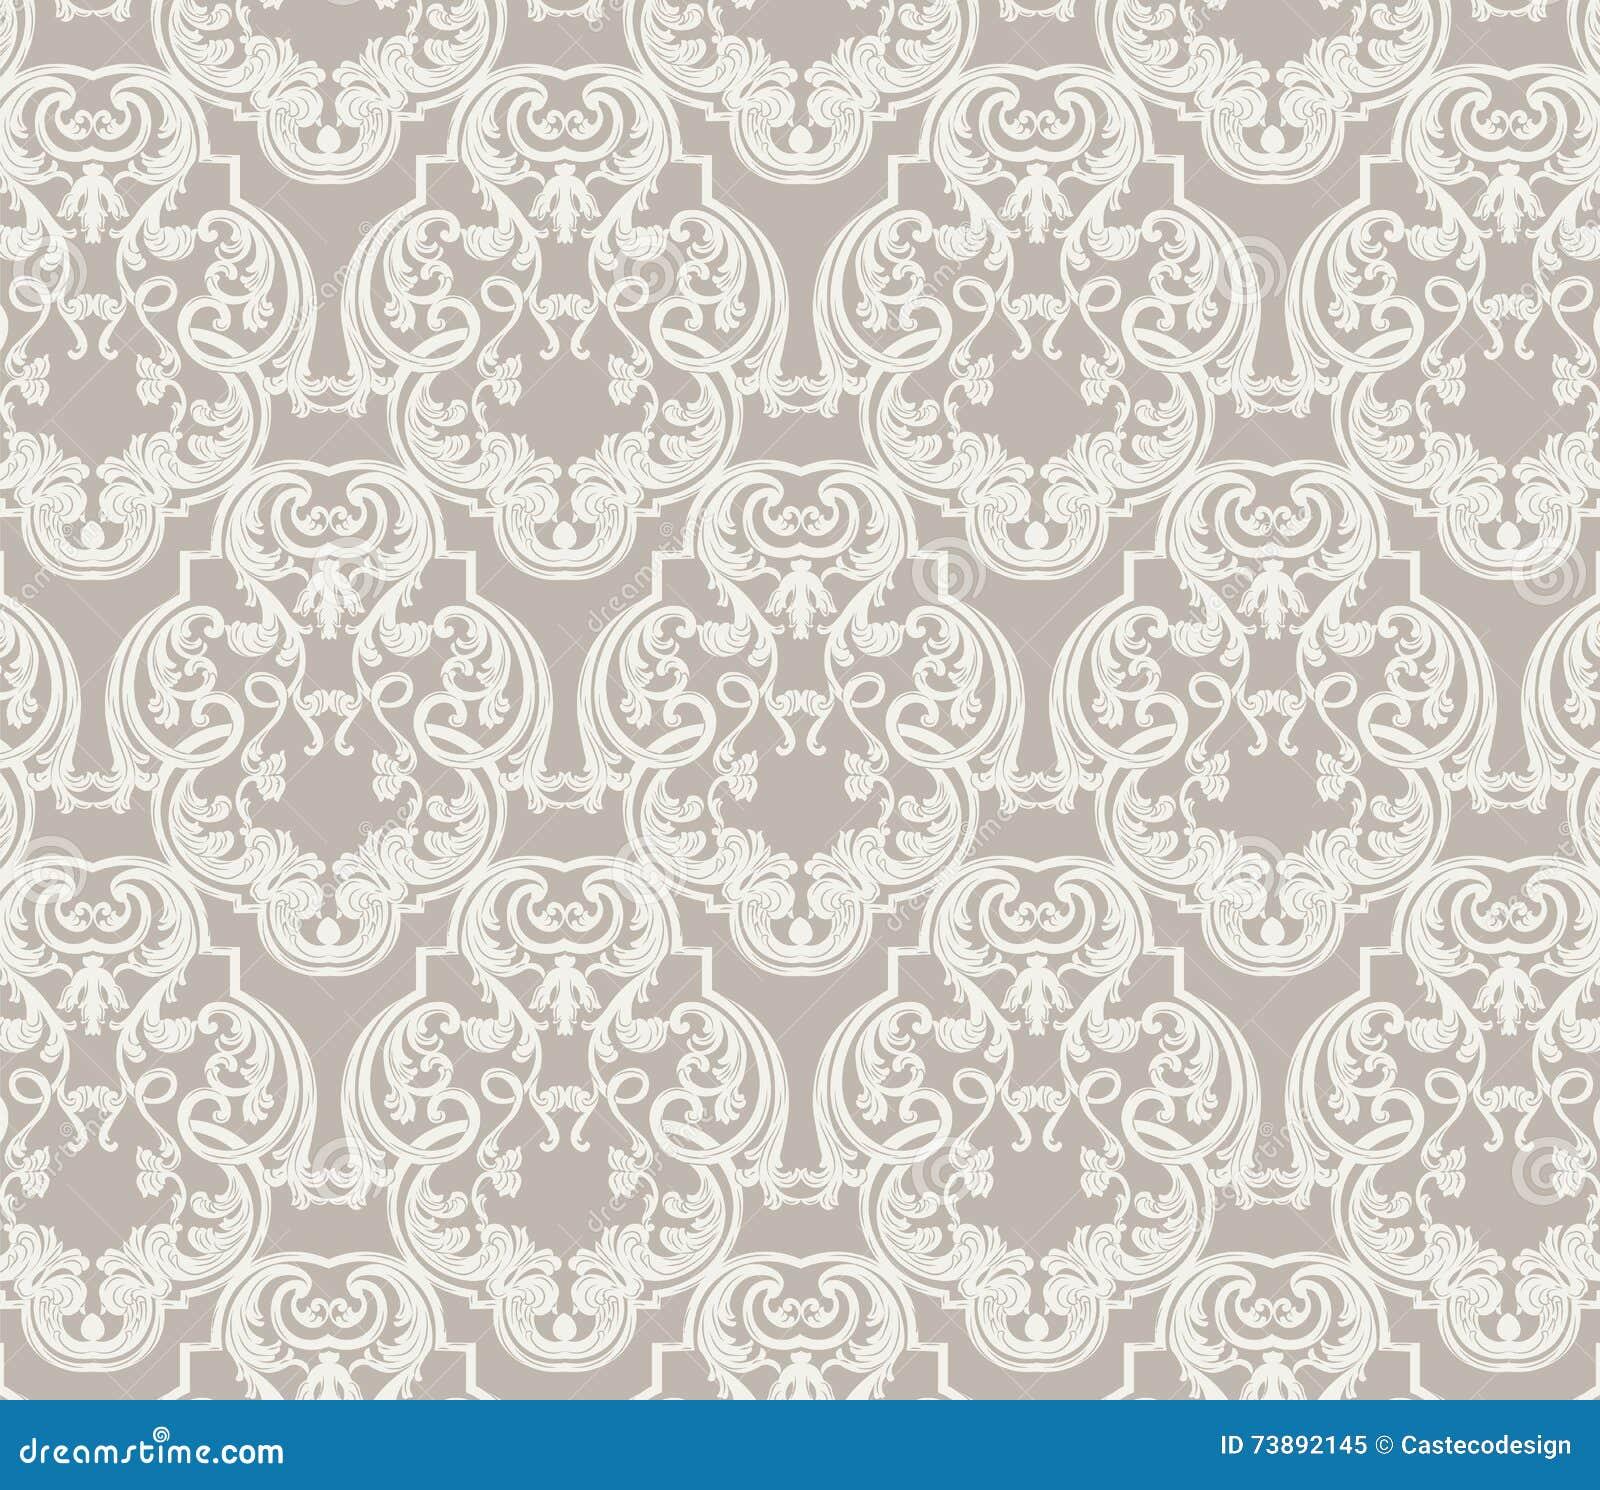 rococo motif vintage floral - photo #5